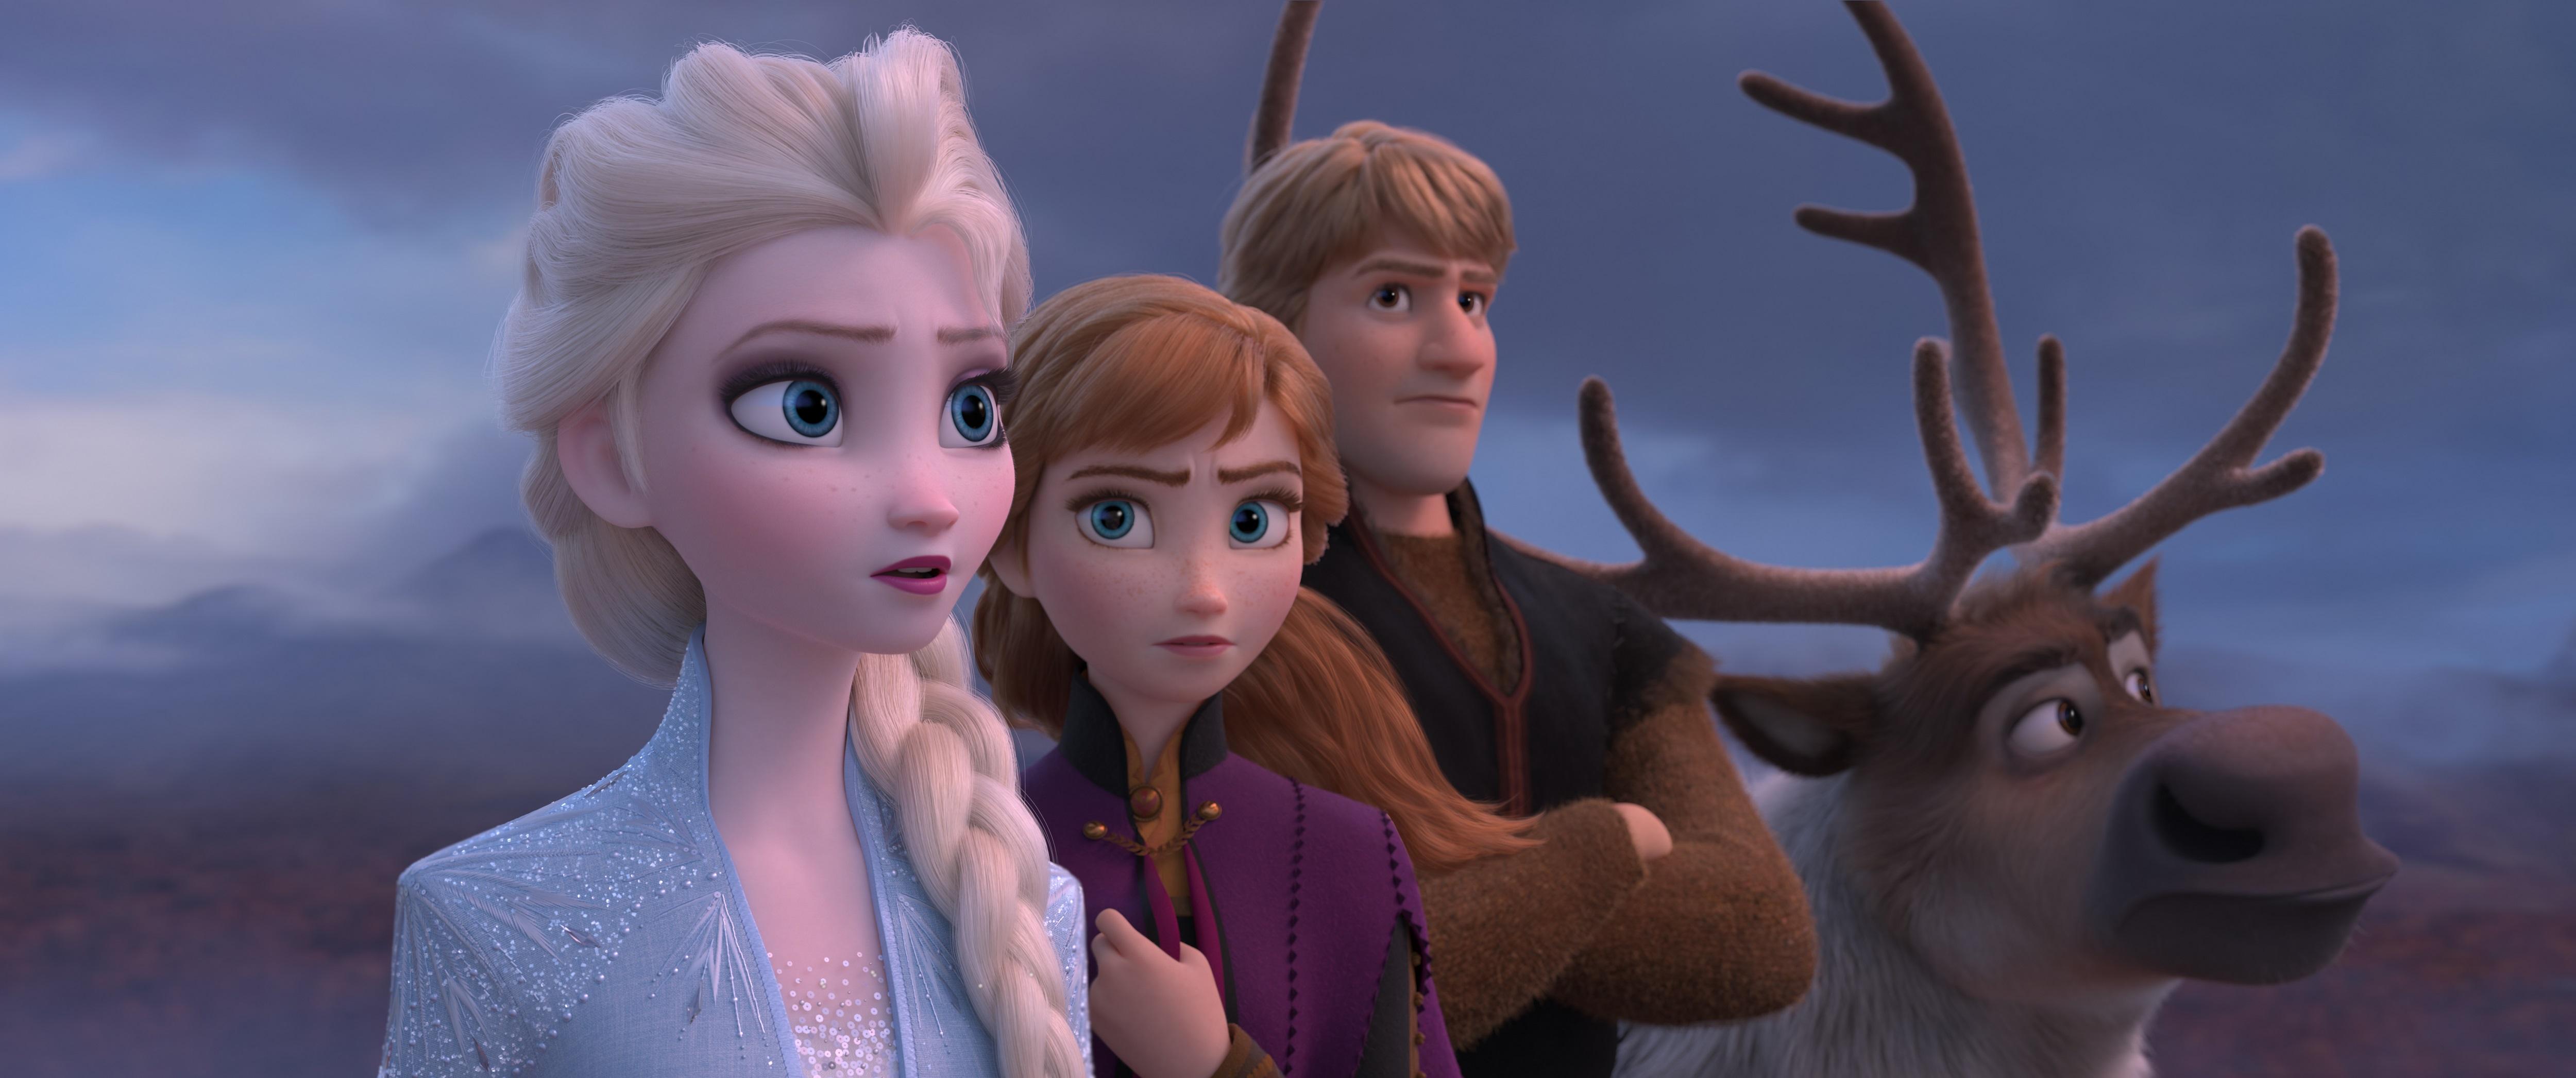 Frozen2_ONLINE-USE_trailer1_FINAL_formatted.jpg